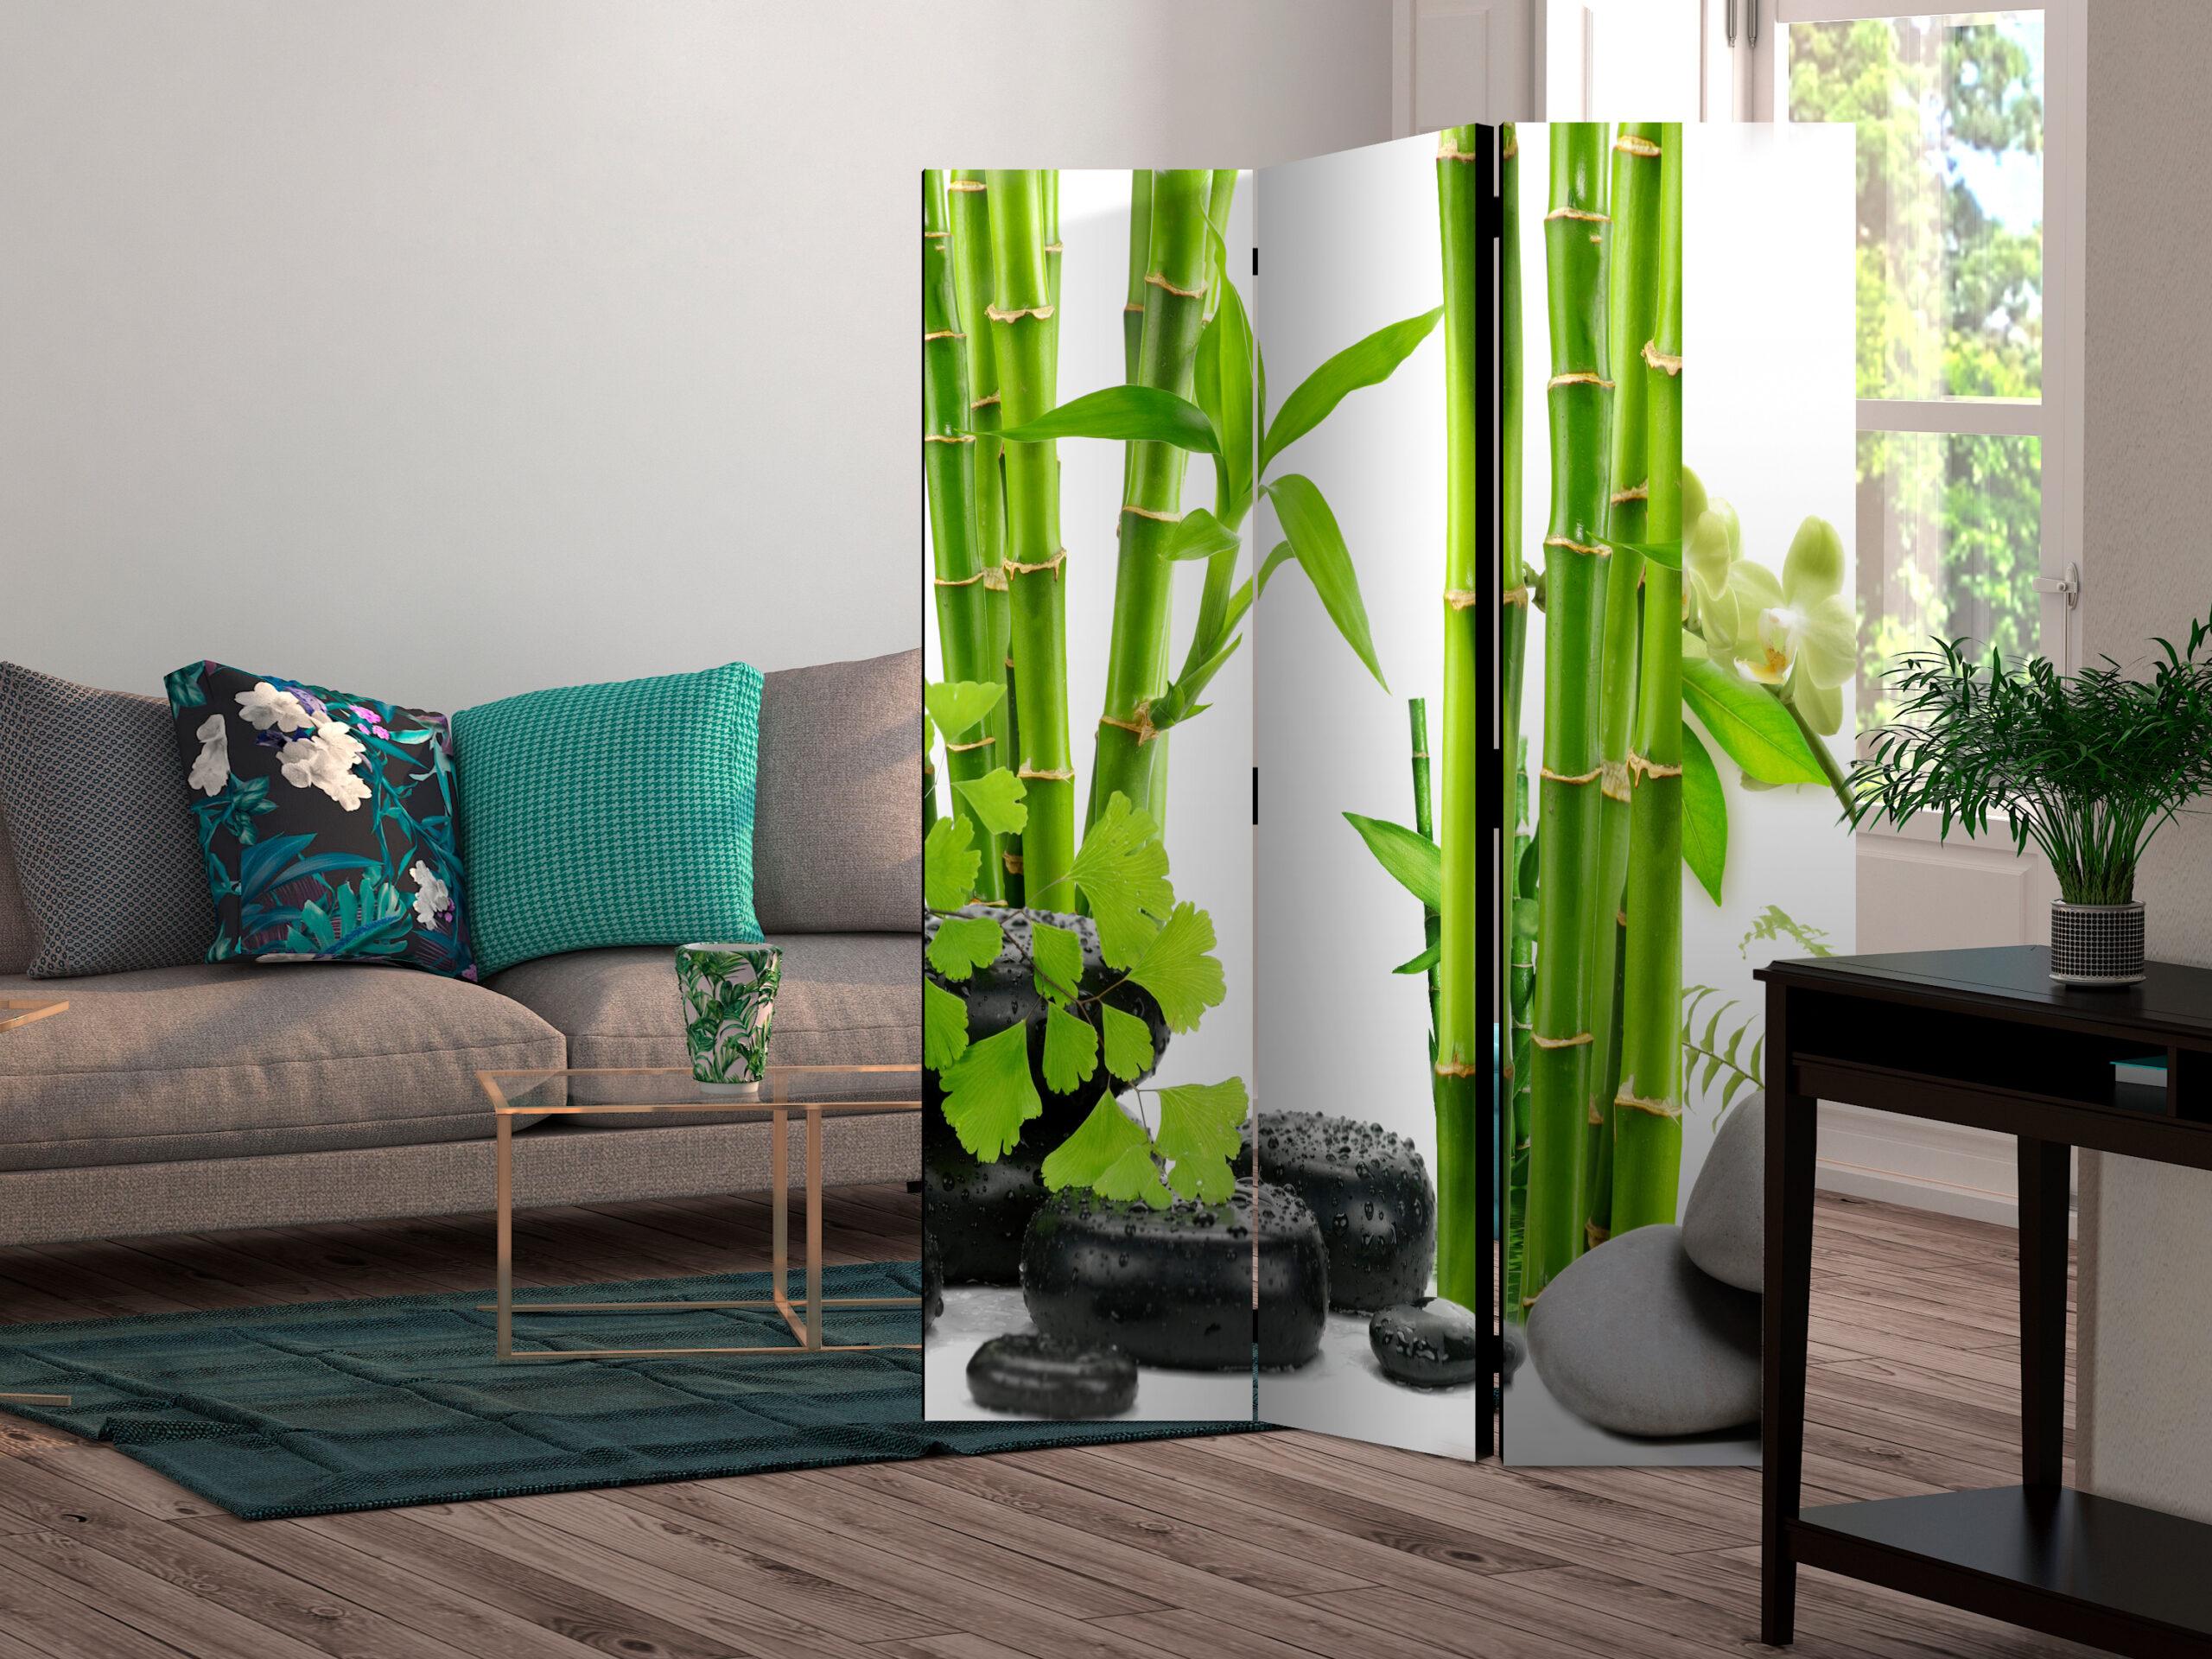 Full Size of Bro Trennwnde Paravents Brombel Deko Paravent Raumteiler Garten Bambus Bett Wohnzimmer Paravent Bambus